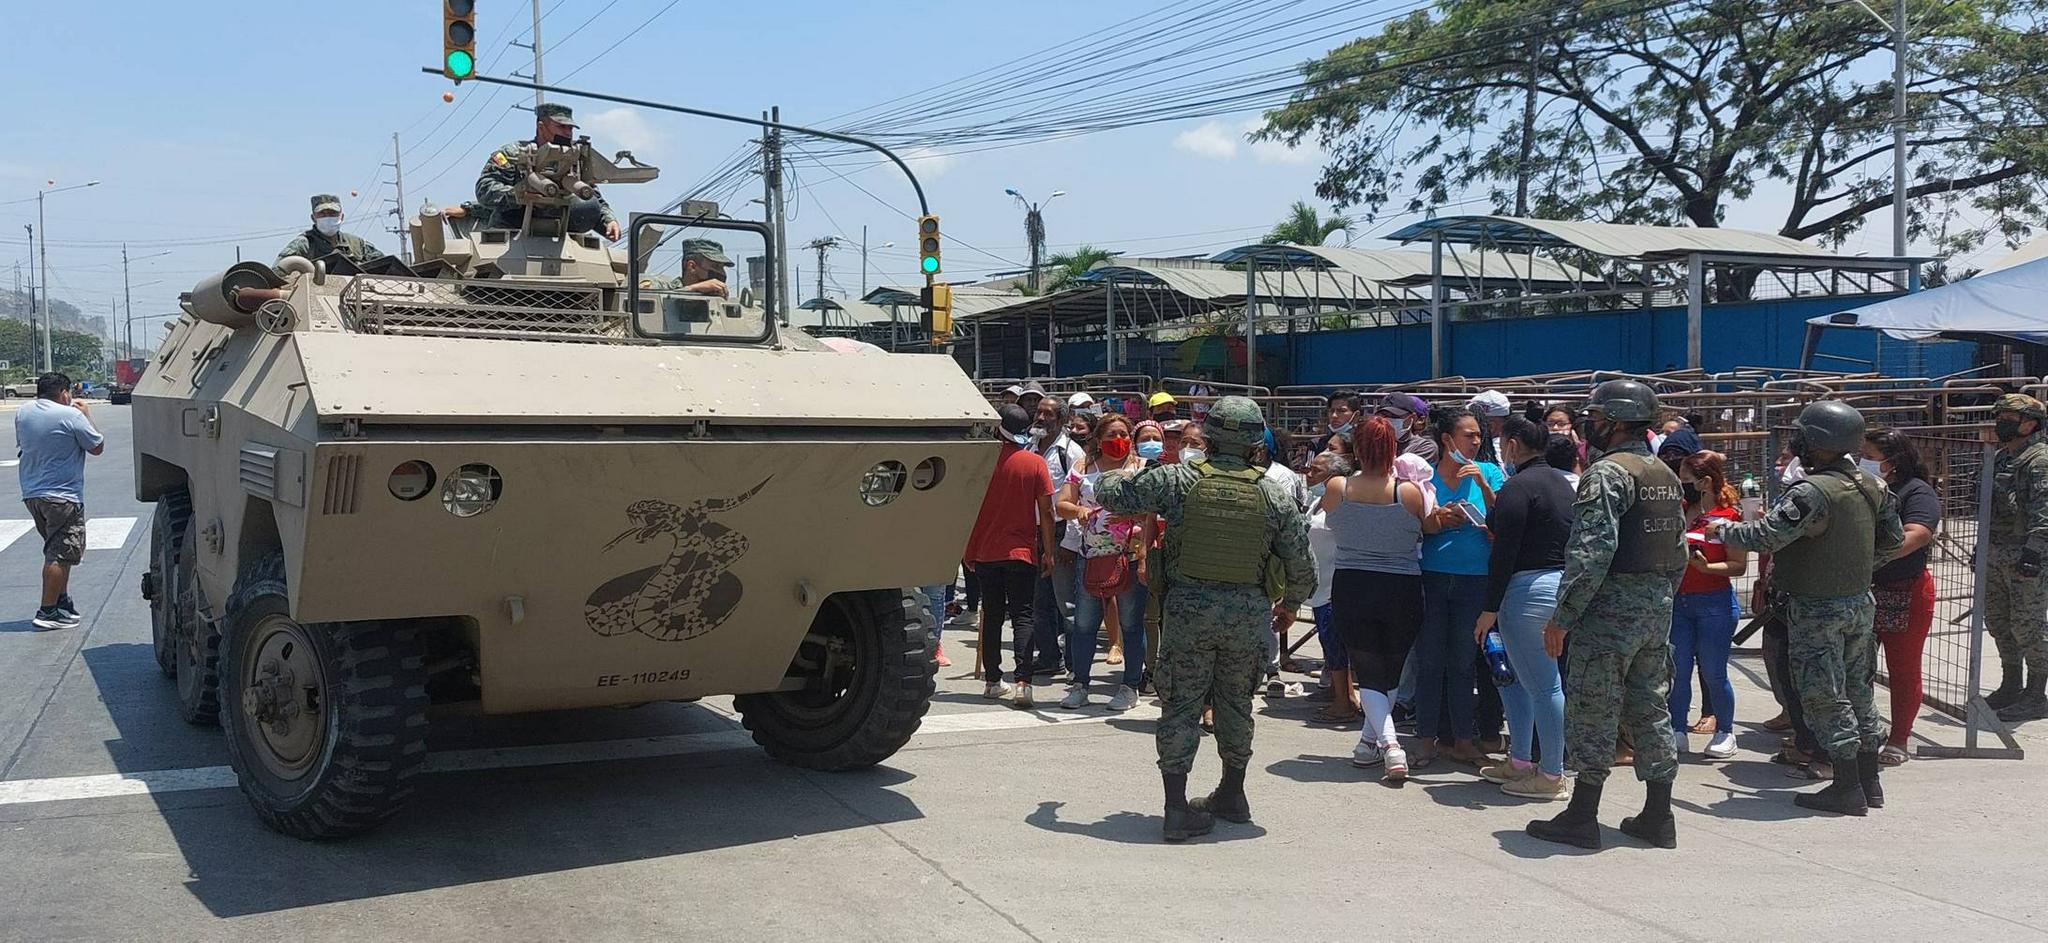 400余名军警进驻 厄瓜多尔发生骚乱监狱局势基本稳定